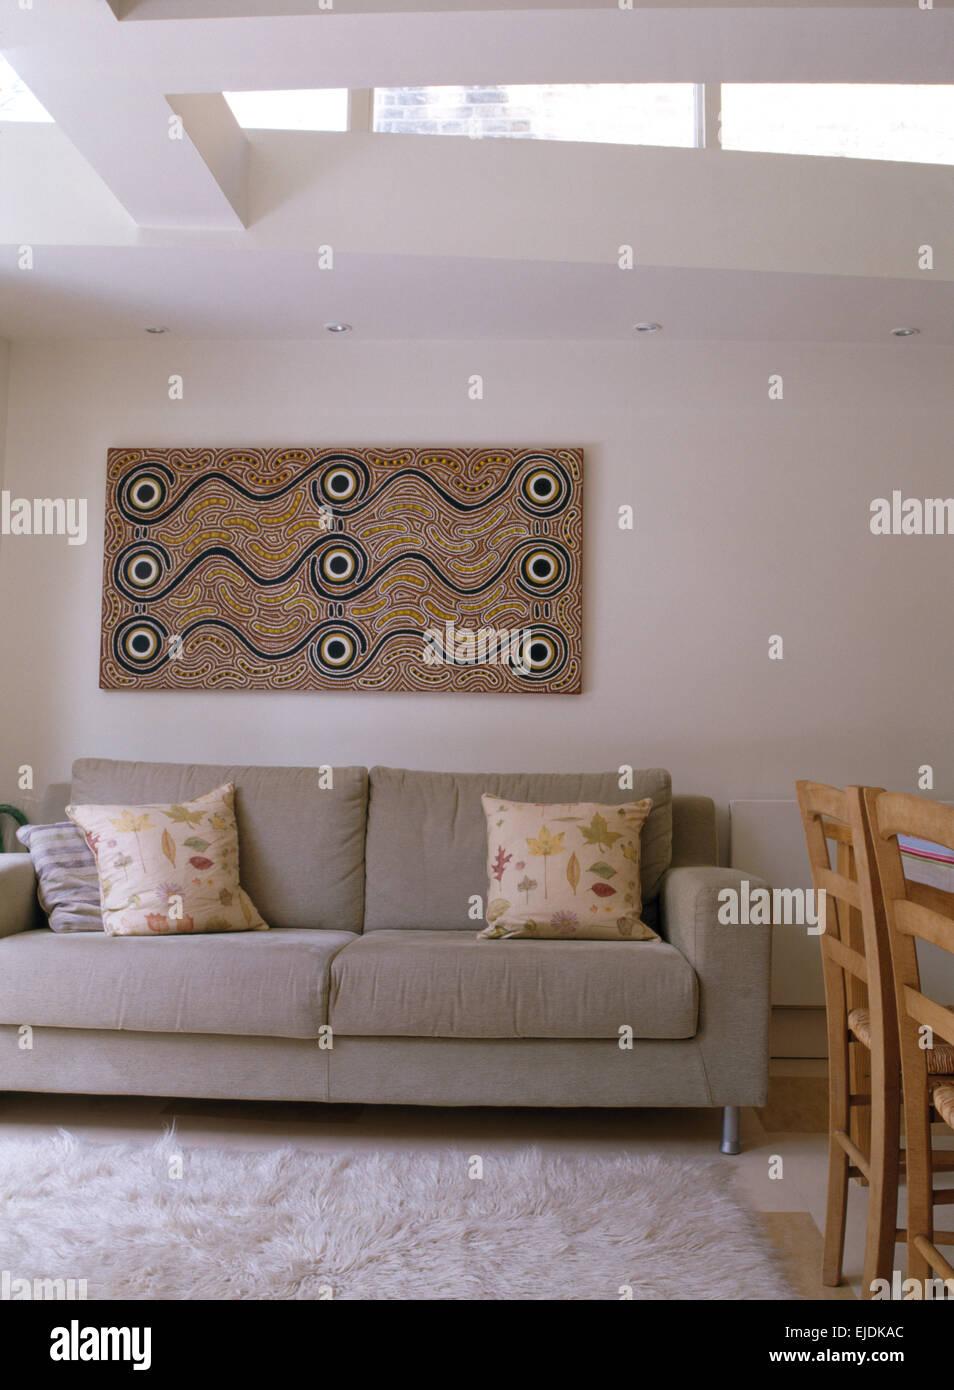 Una pittura astratta sulla parete sopra grigio divano nel soggiorno ...